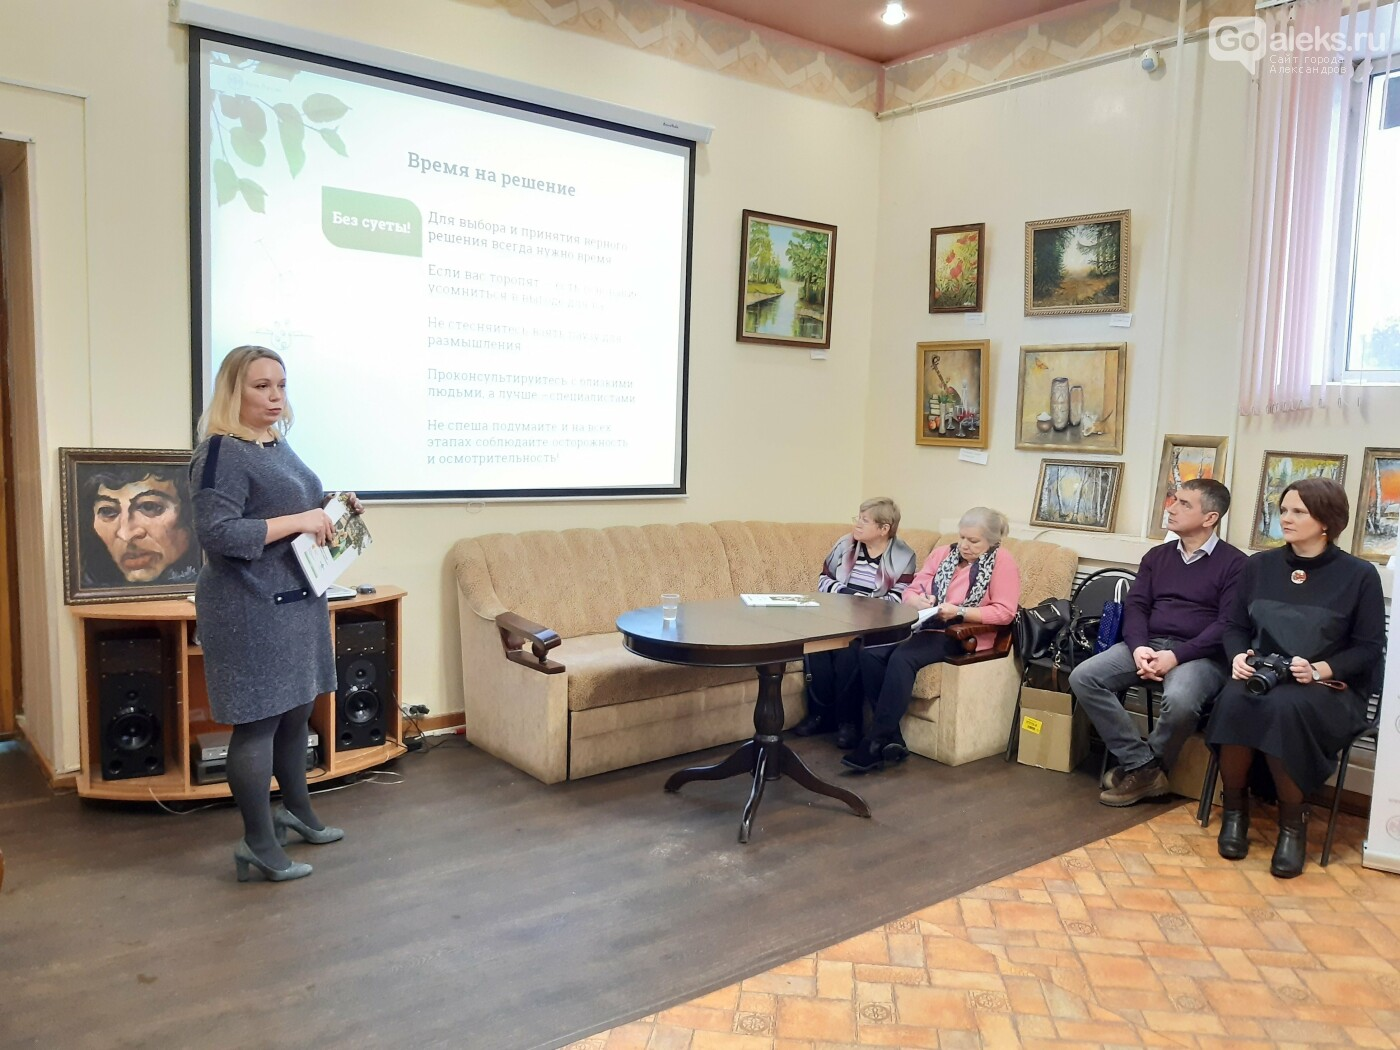 Банк России провел занятие для слушателей «Университета третьего возраста» в Александрове, фото-1